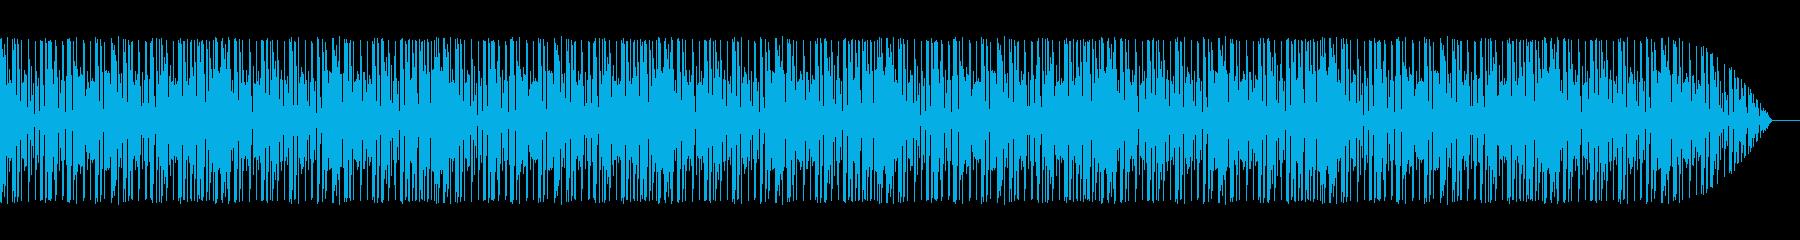 ミニゲーム風、緊迫感のあるショートループの再生済みの波形